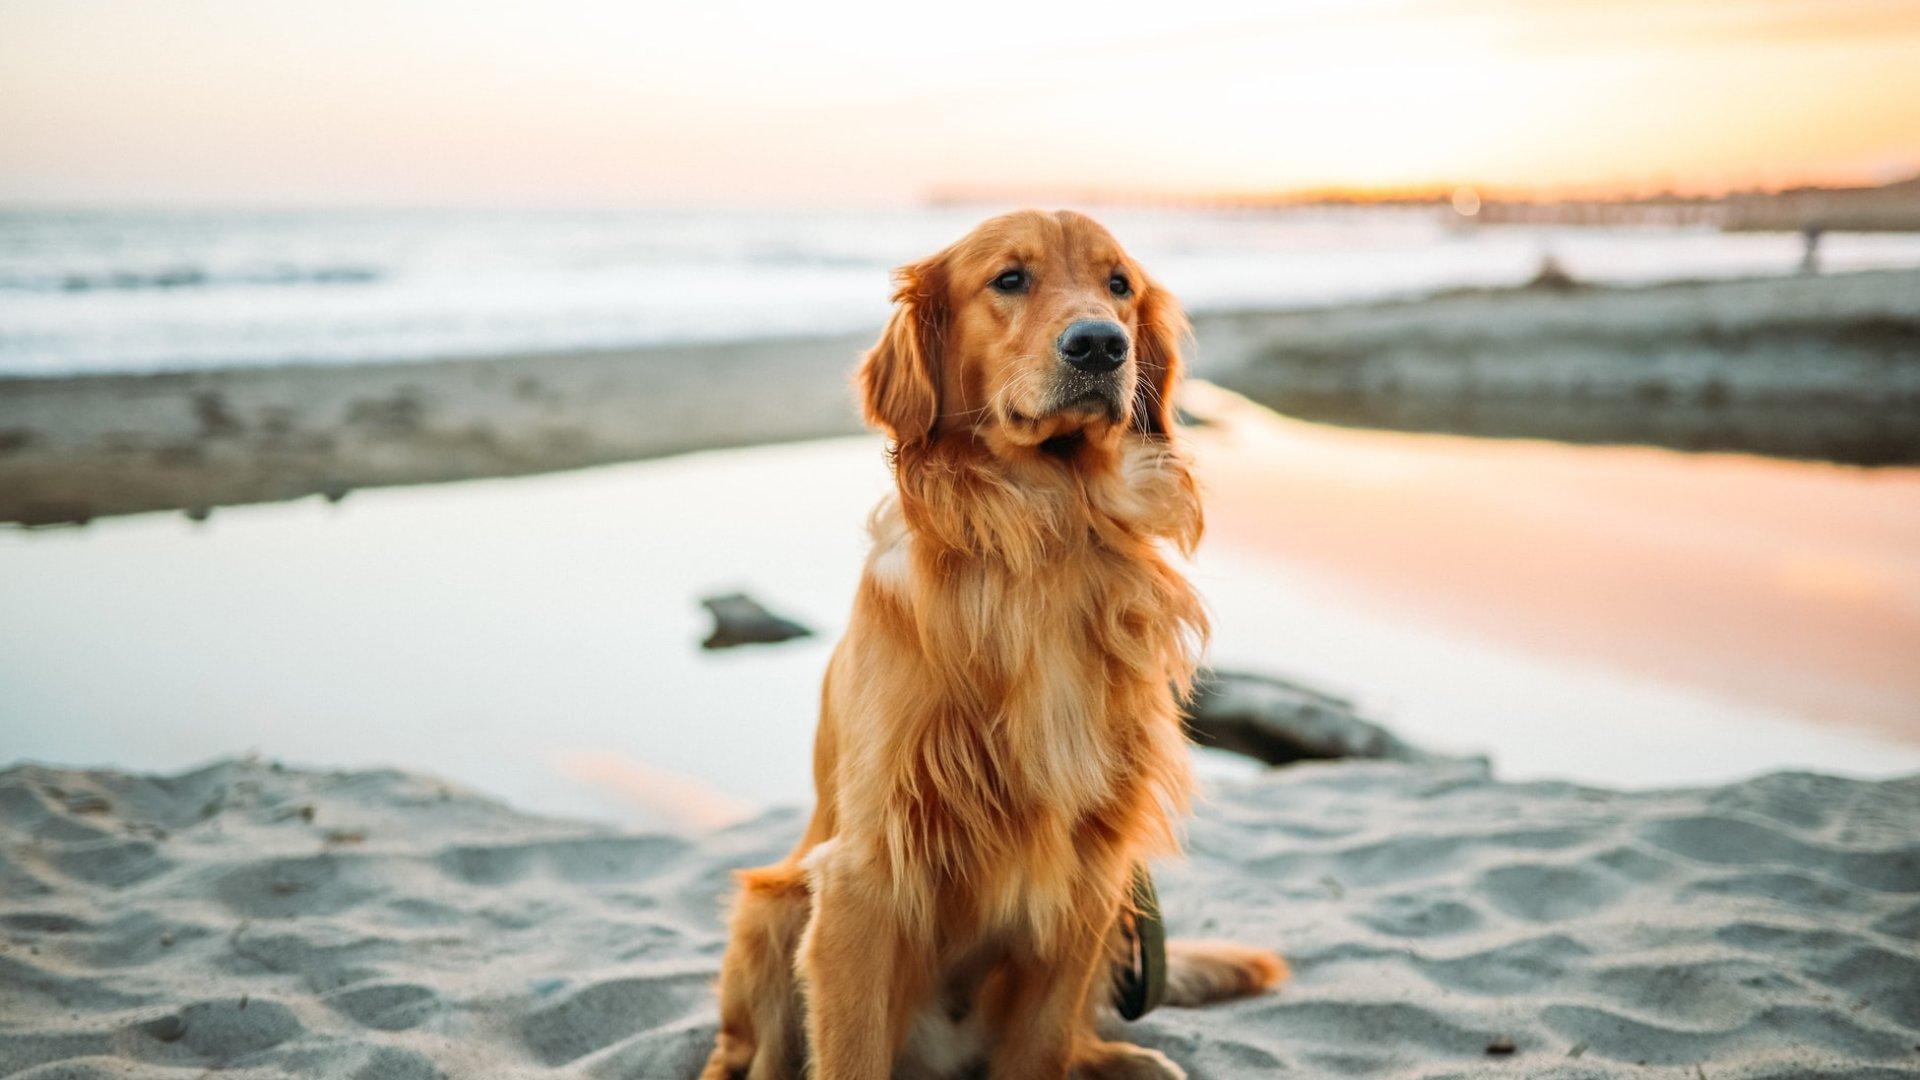 【大型犬OK】関東からアクセス良好のペットと泊まれる宿10選!特徴別にご紹介します